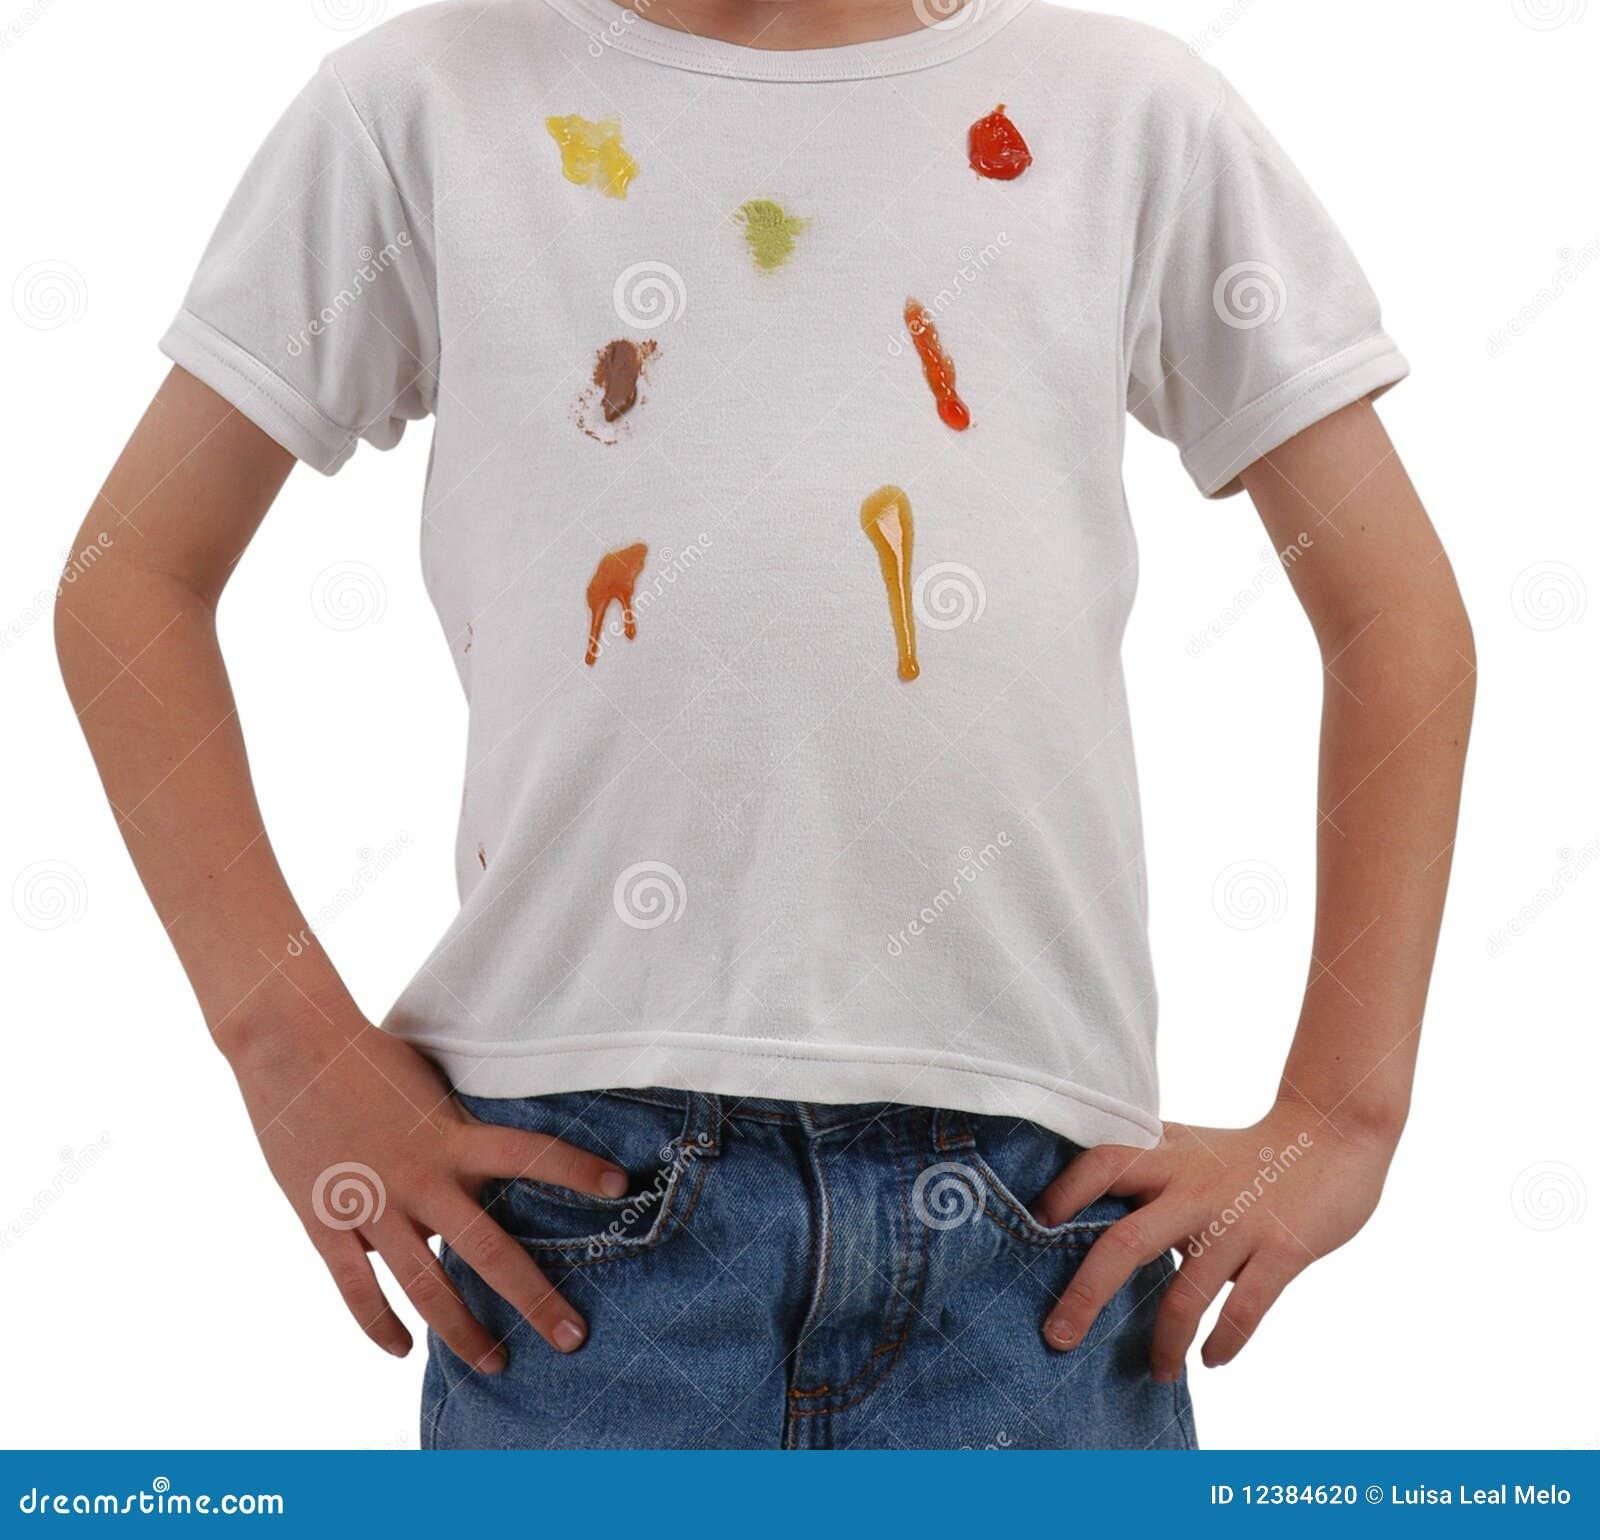 10 Kleidung weniger jugendlich